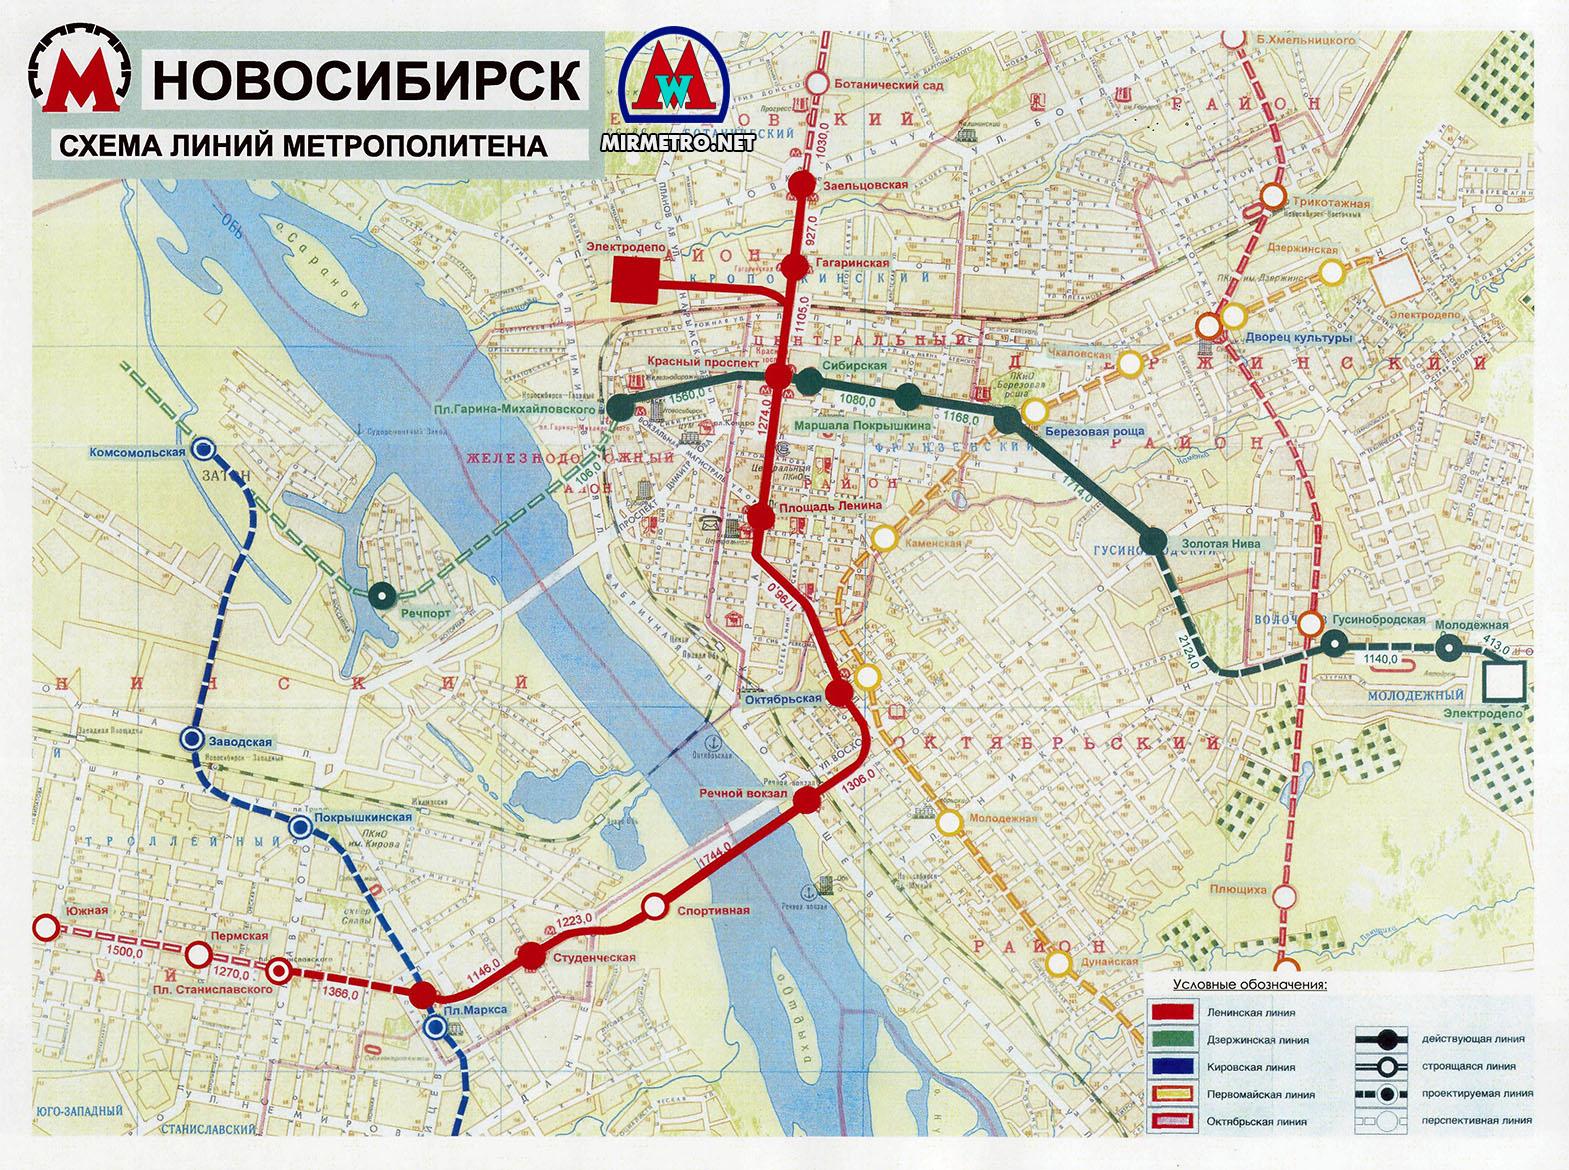 Метро новосибирск схема линий 2016 фото 775